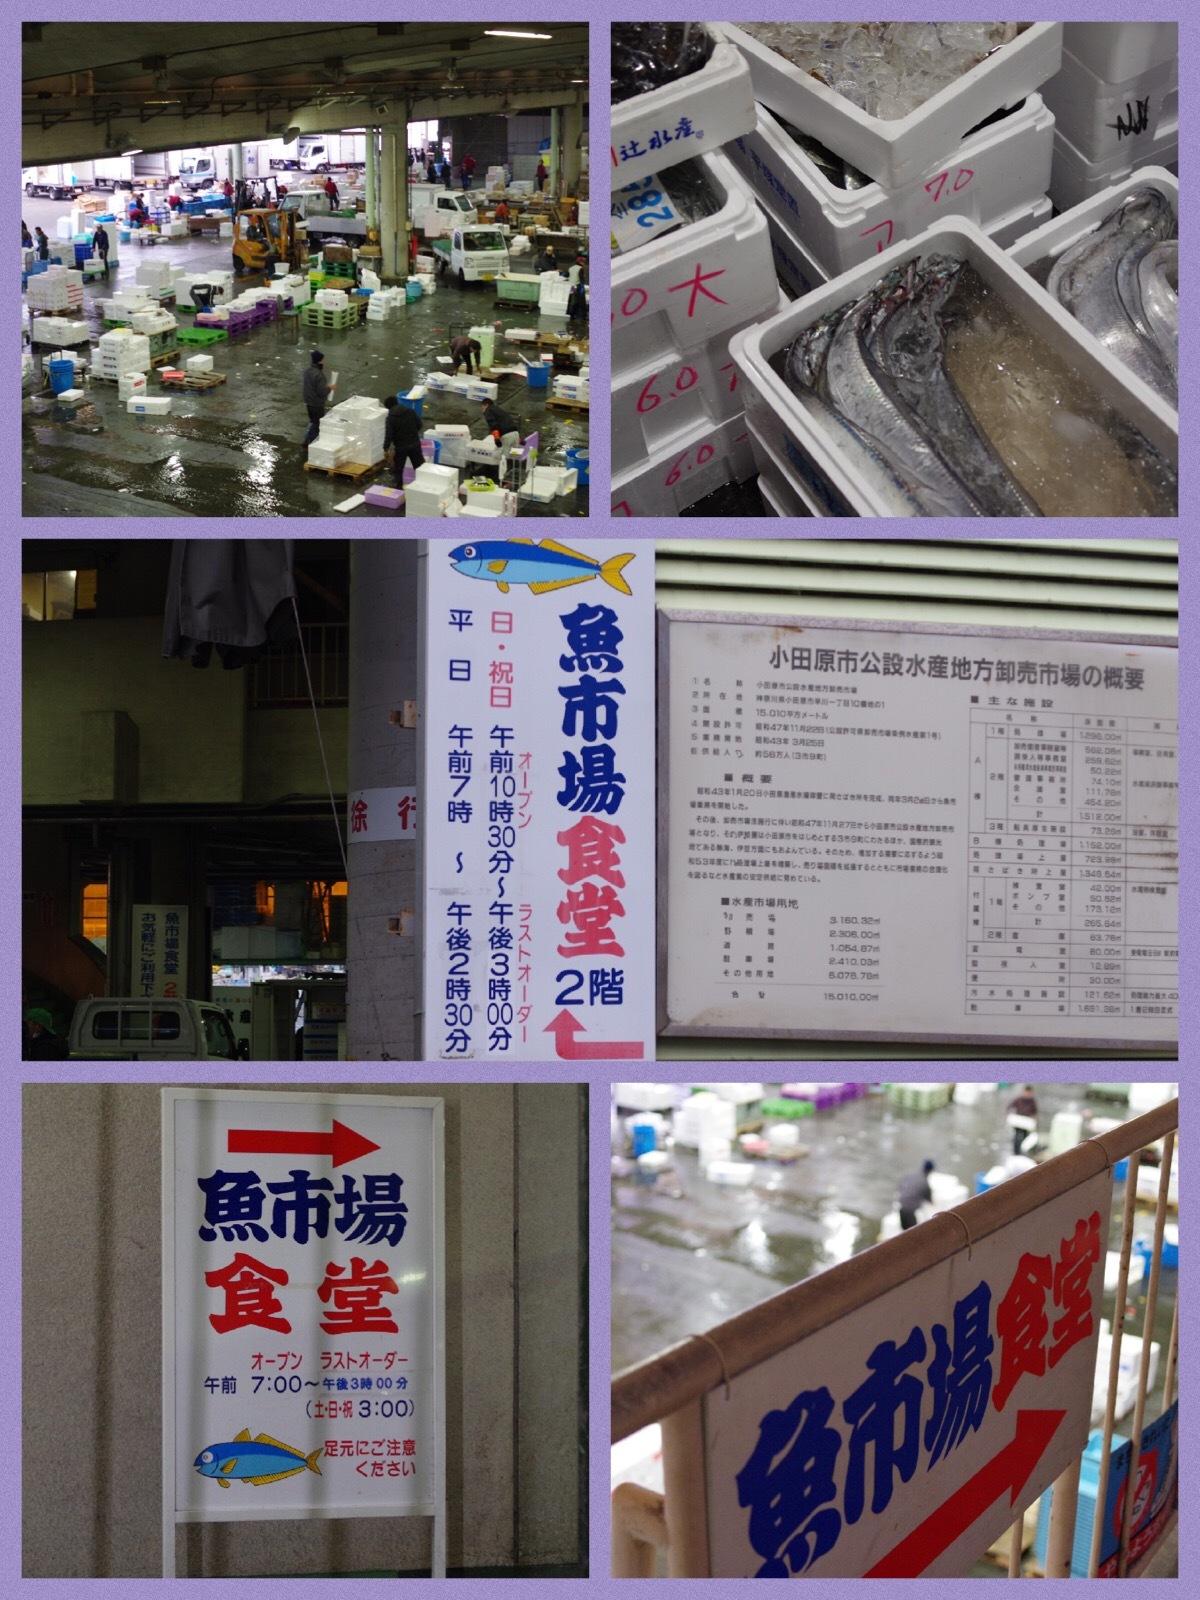 箱根ドライブ旅行 小田原魚市場食堂